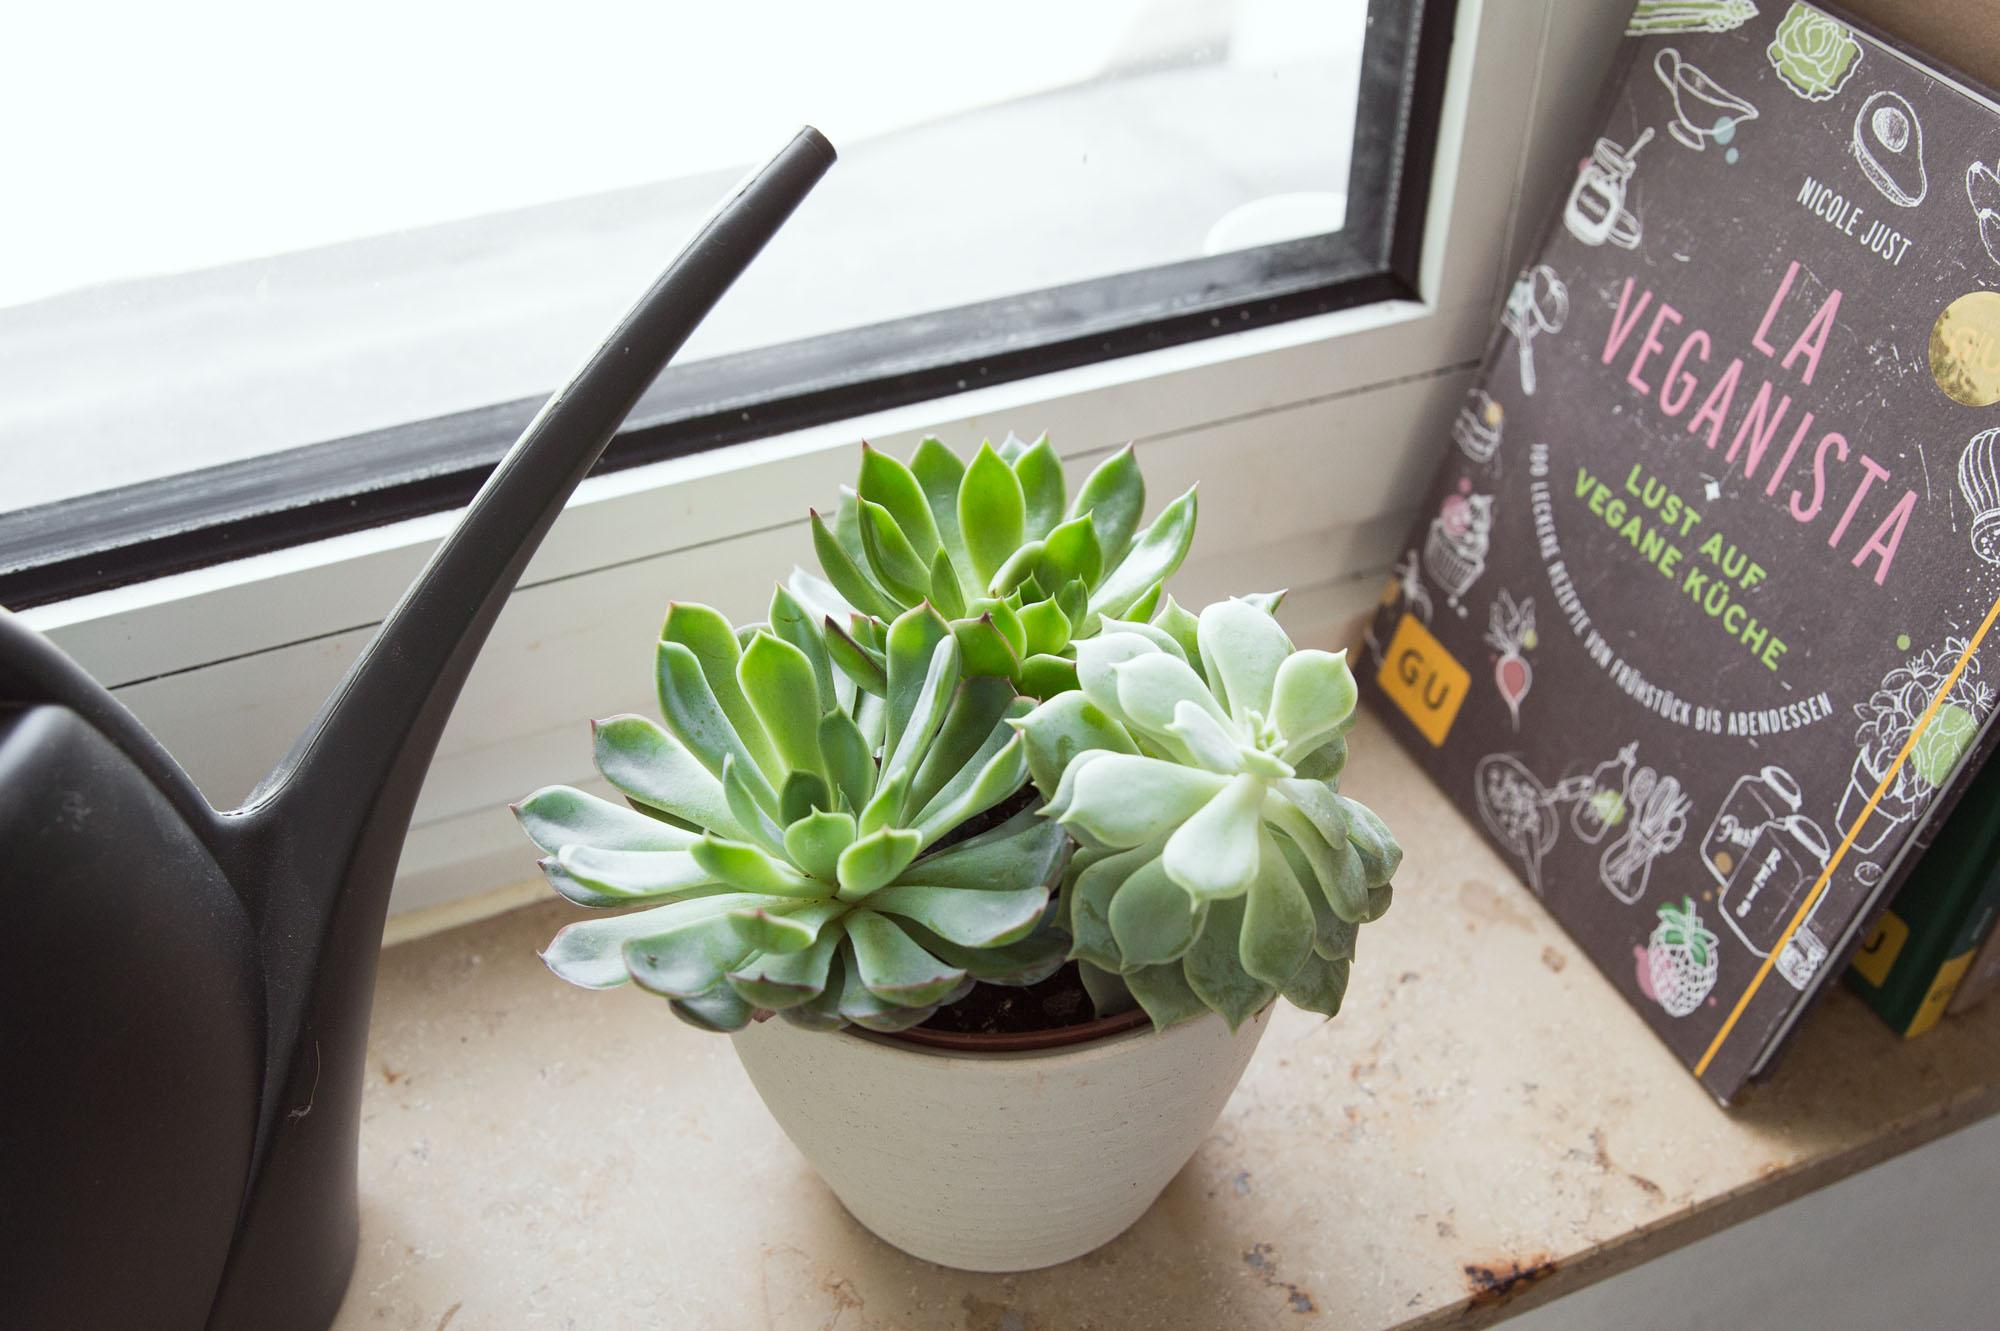 Alles gr n pflanzen machen das leben sch ner for Pflanzen laden berlin